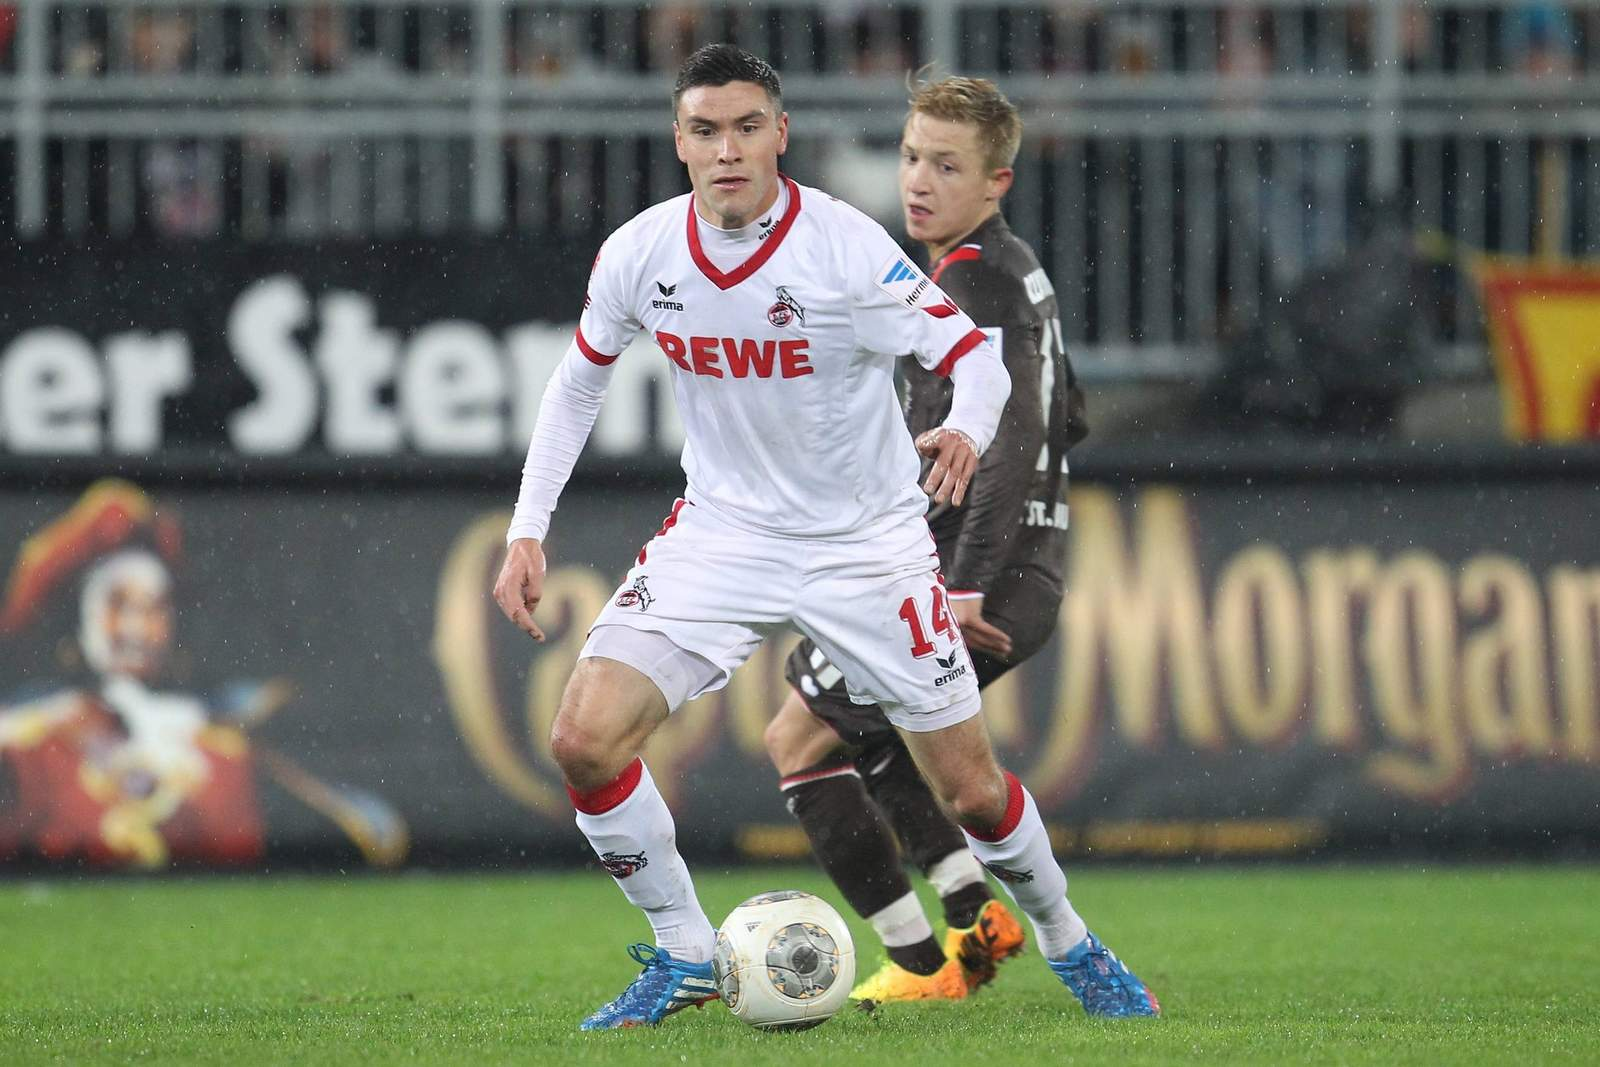 Jonas Hector mit dem Ball am Fuß. Jetzt auf St. Pauli gegen Köln wetten.